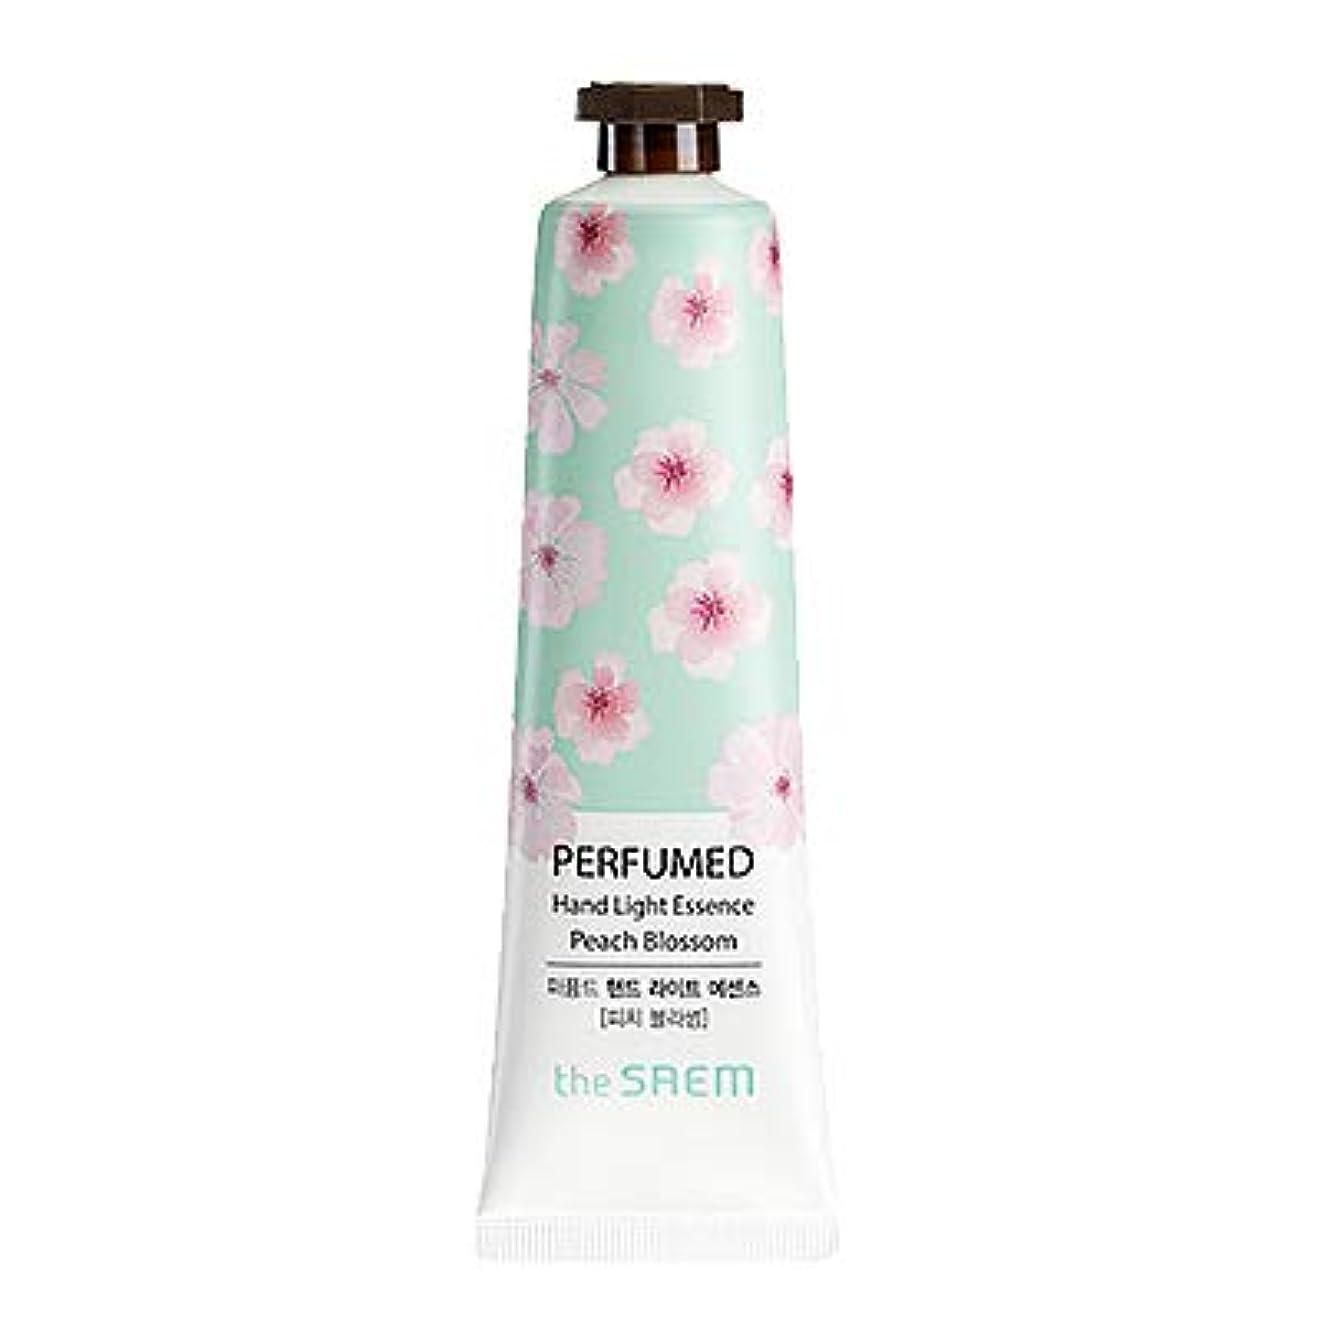 なので銀河適応するtheSAEM ザセム パヒューム ハンド ライト エッセンス ハンドクリーム PERFUMED HAND LIGHT ESSENCE 韓国コスメ (E-Peach Blossom(ピーチブロッサム))